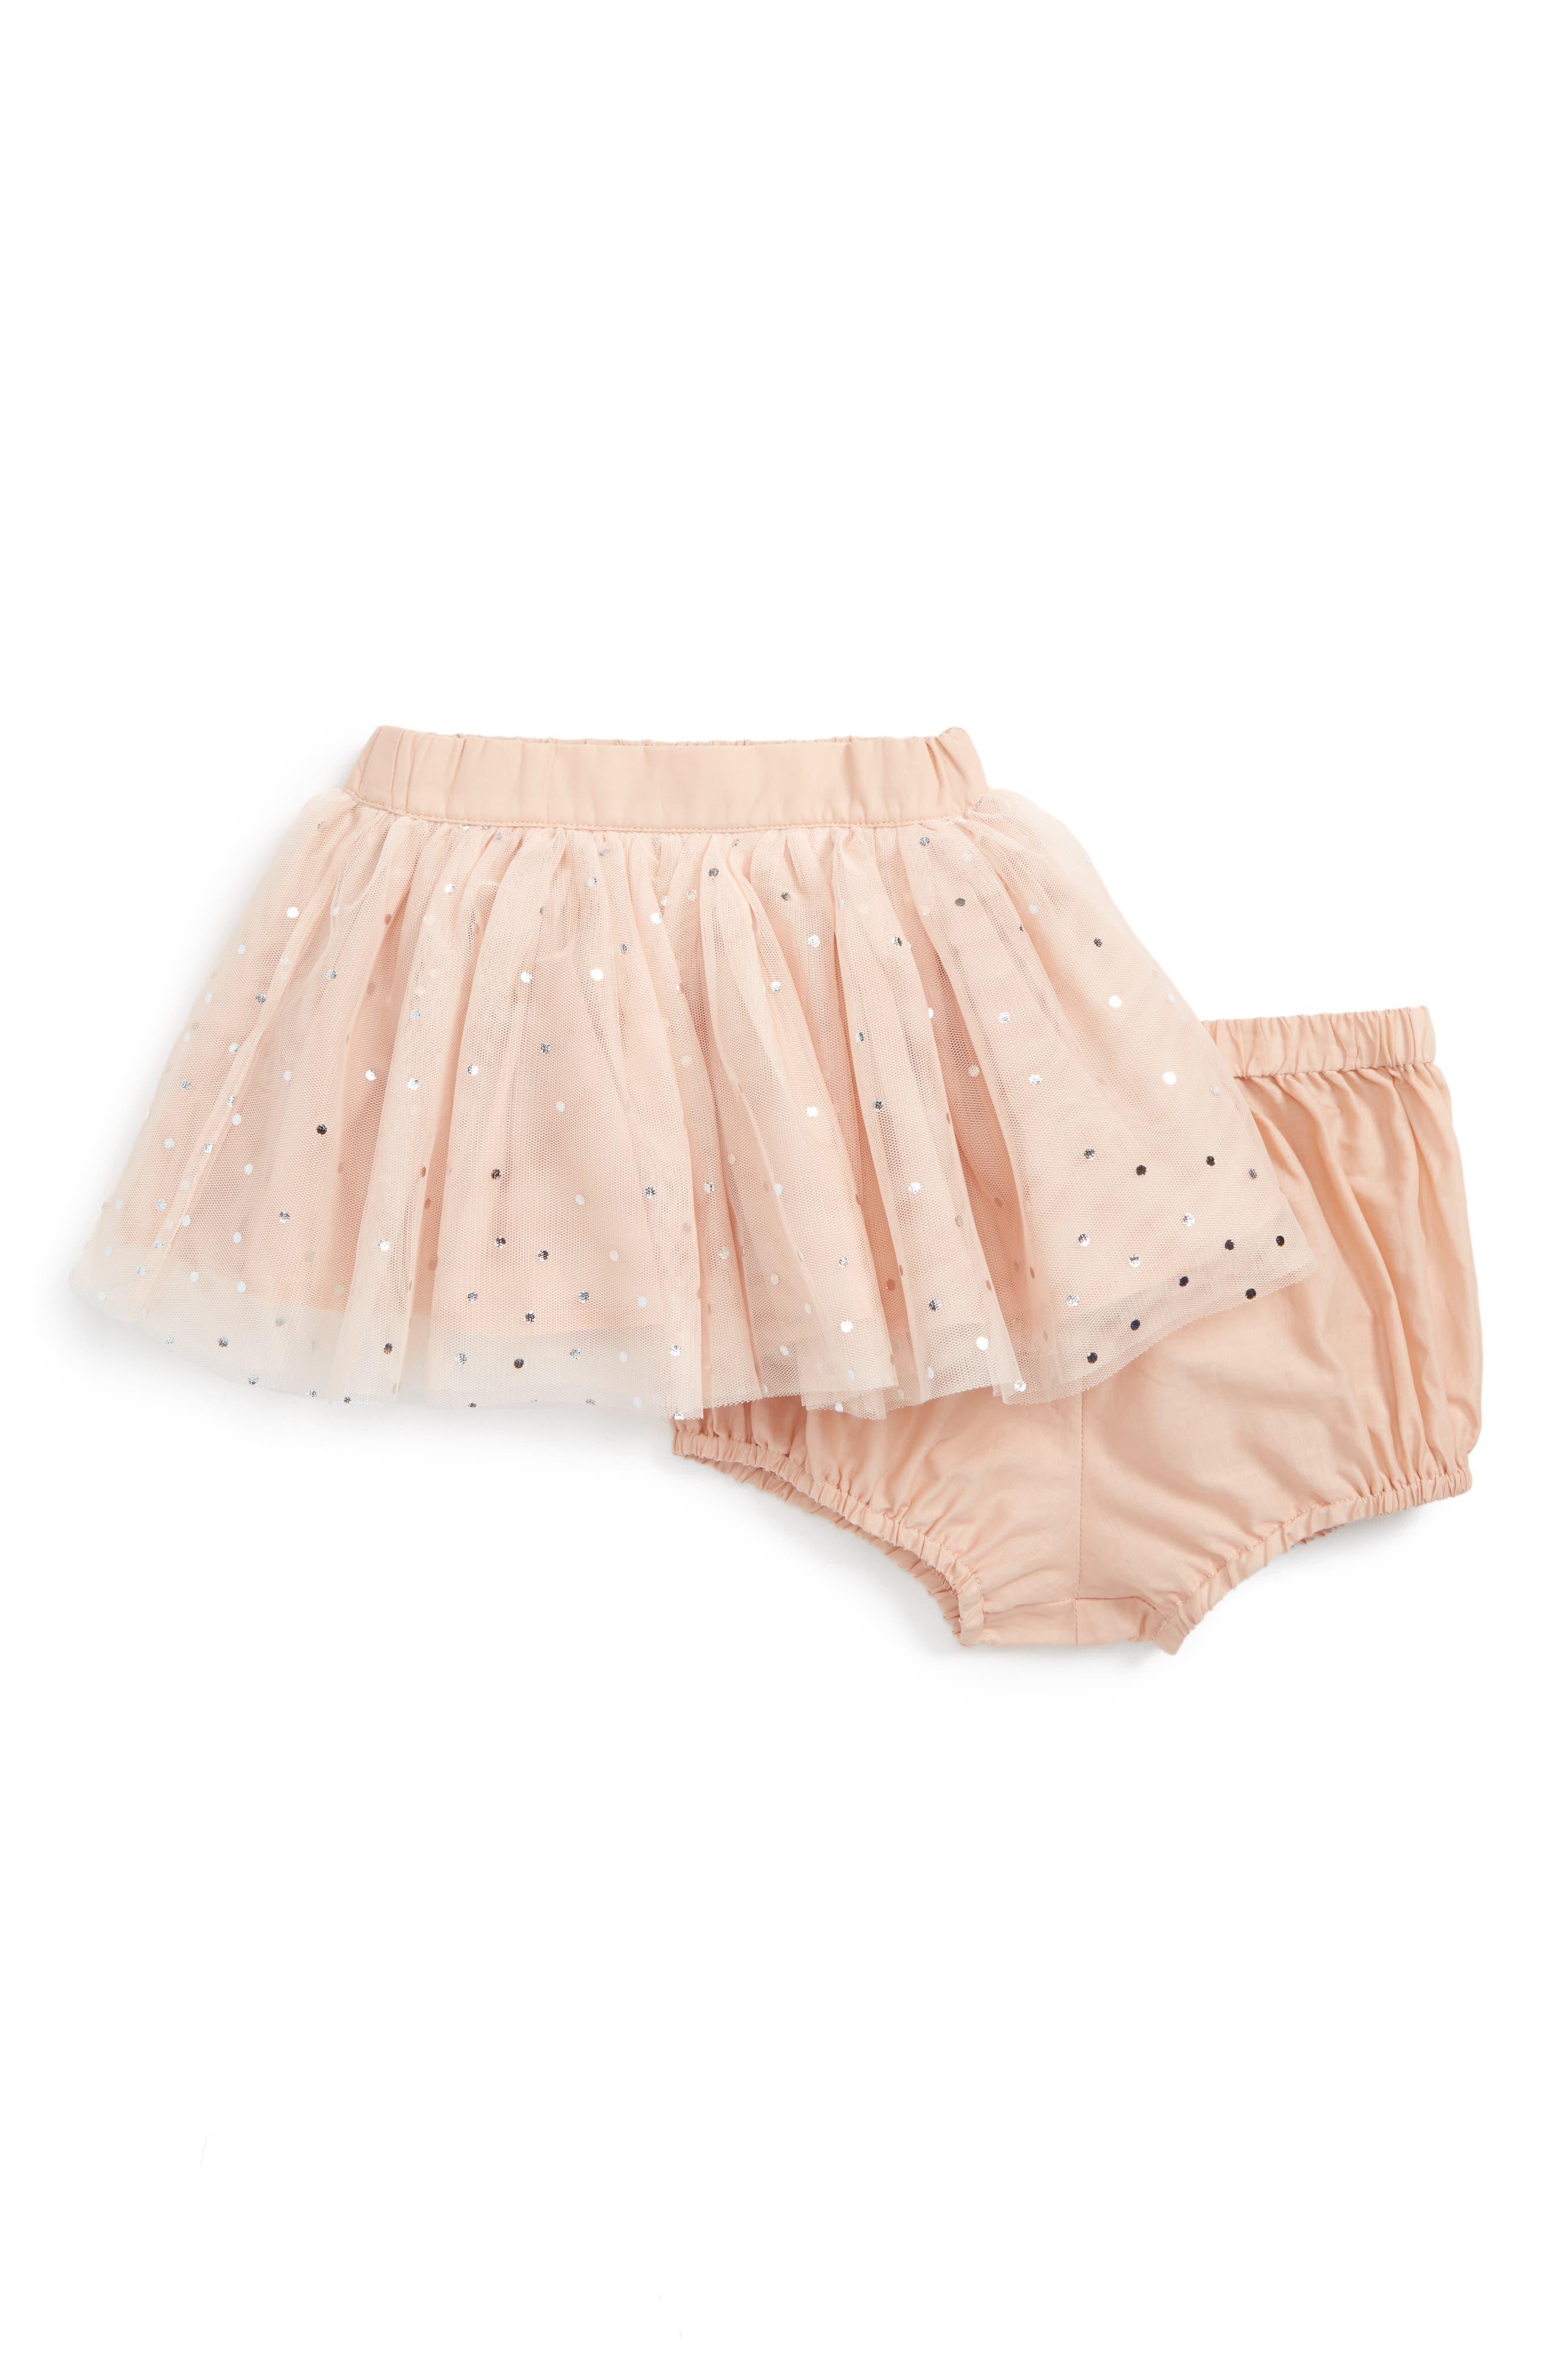 Kids Honey Sparkle Tulle Skirt,                             Main thumbnail 1, color,                             680